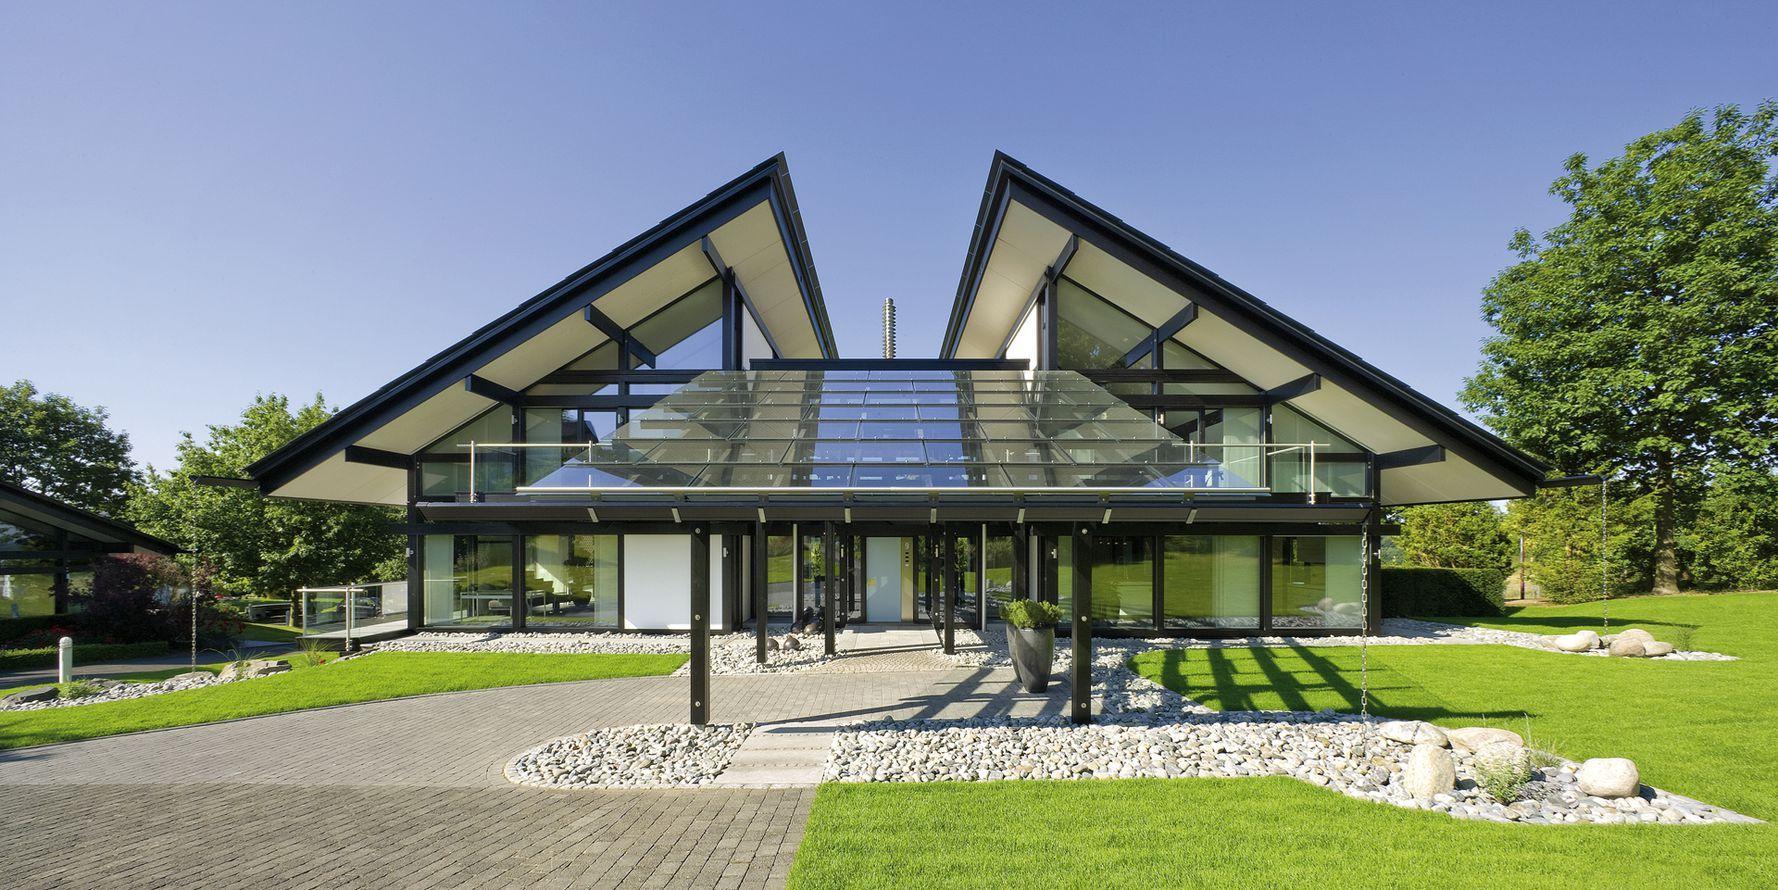 Modernes Fachwerkhaus huf architektenhaus modernes fachwerkhaus aus holz und glas house